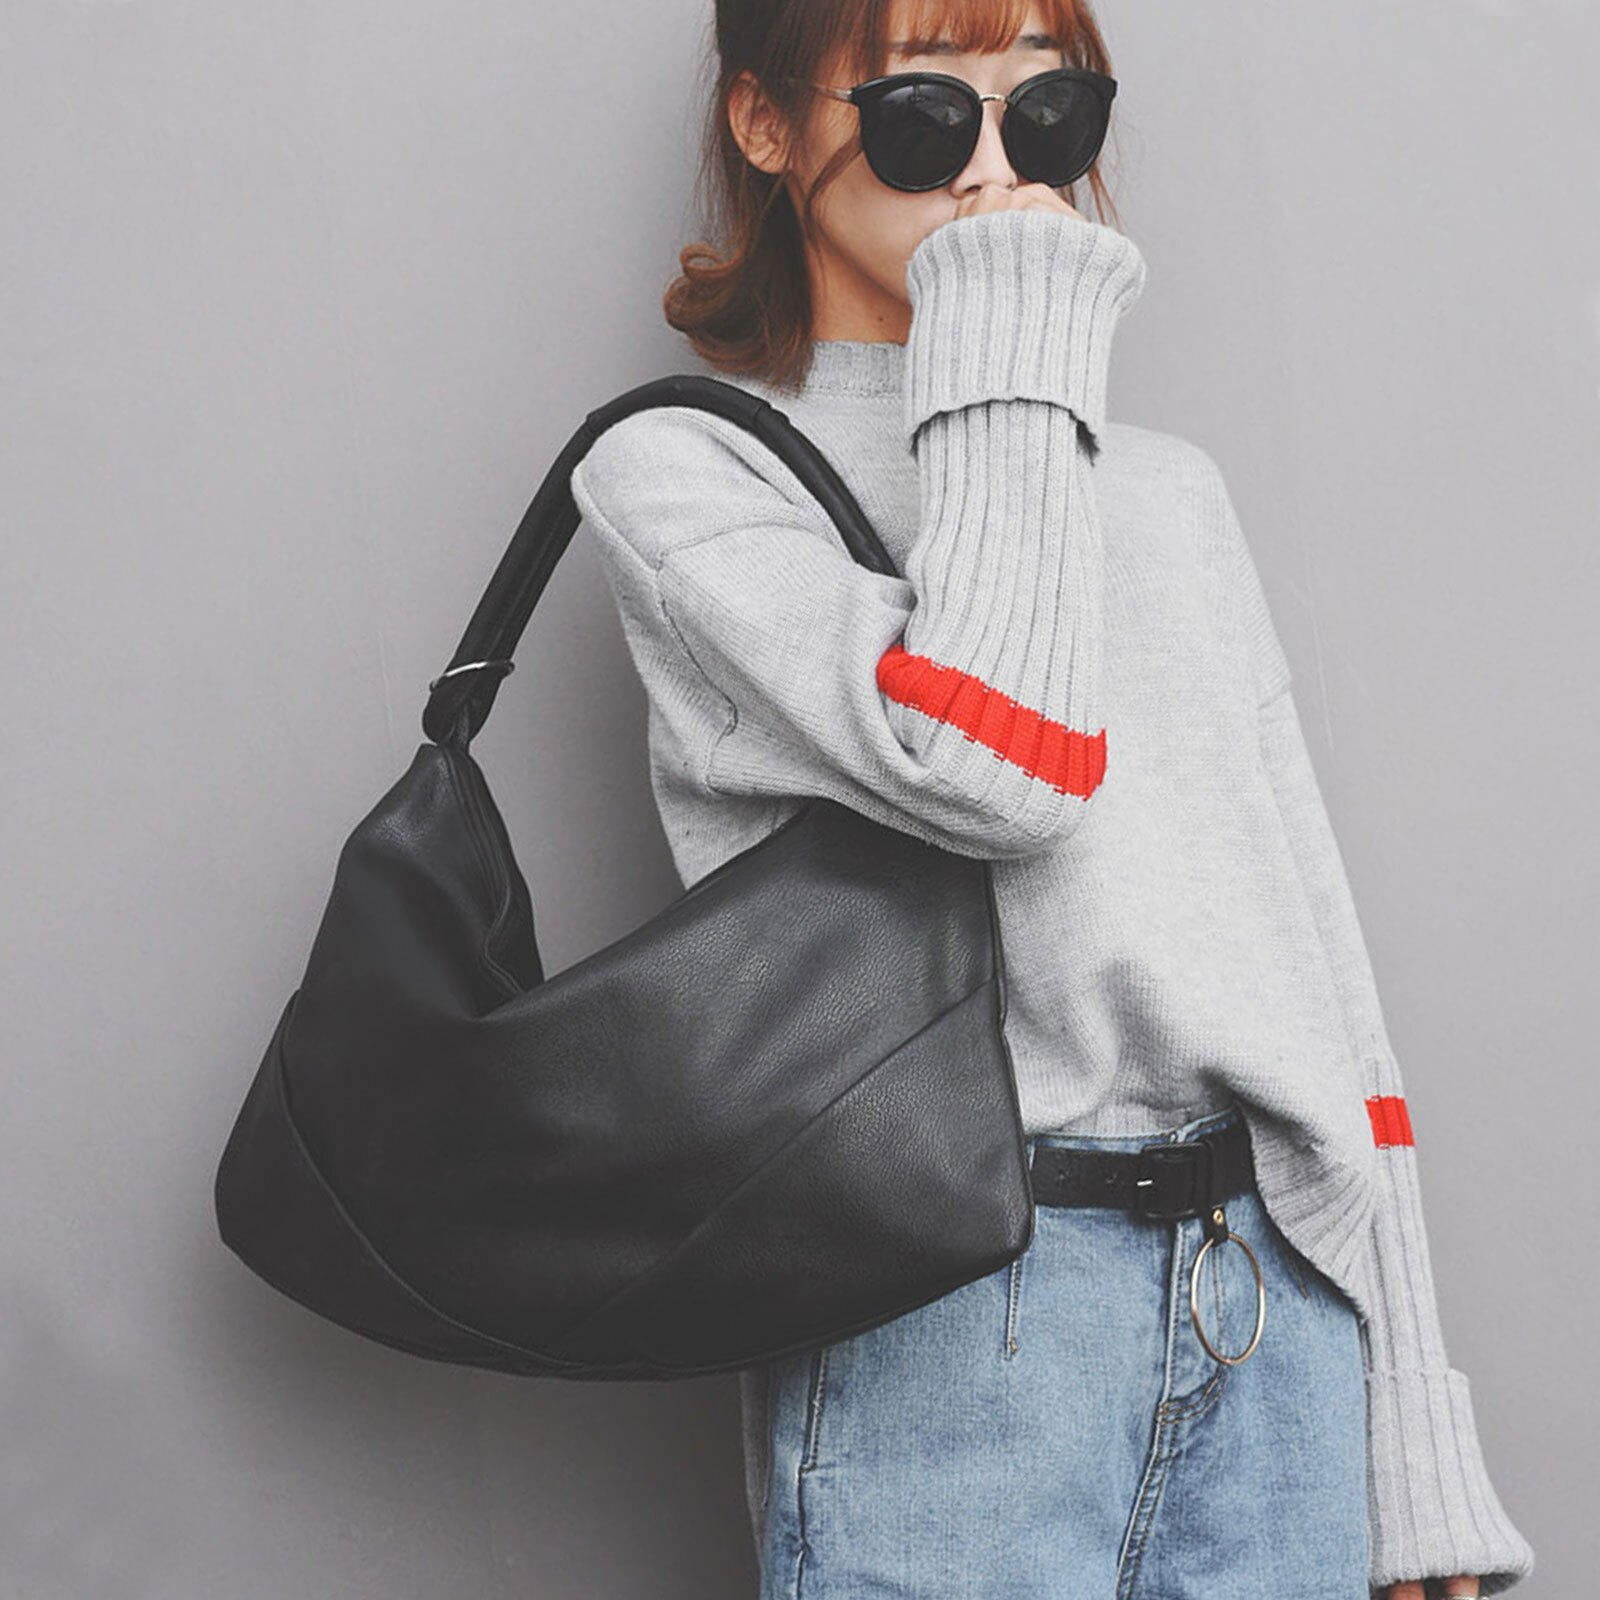 手提包 韓國時尚皮革水餃包肩背包【O3226】☆雙兒網☆ 0